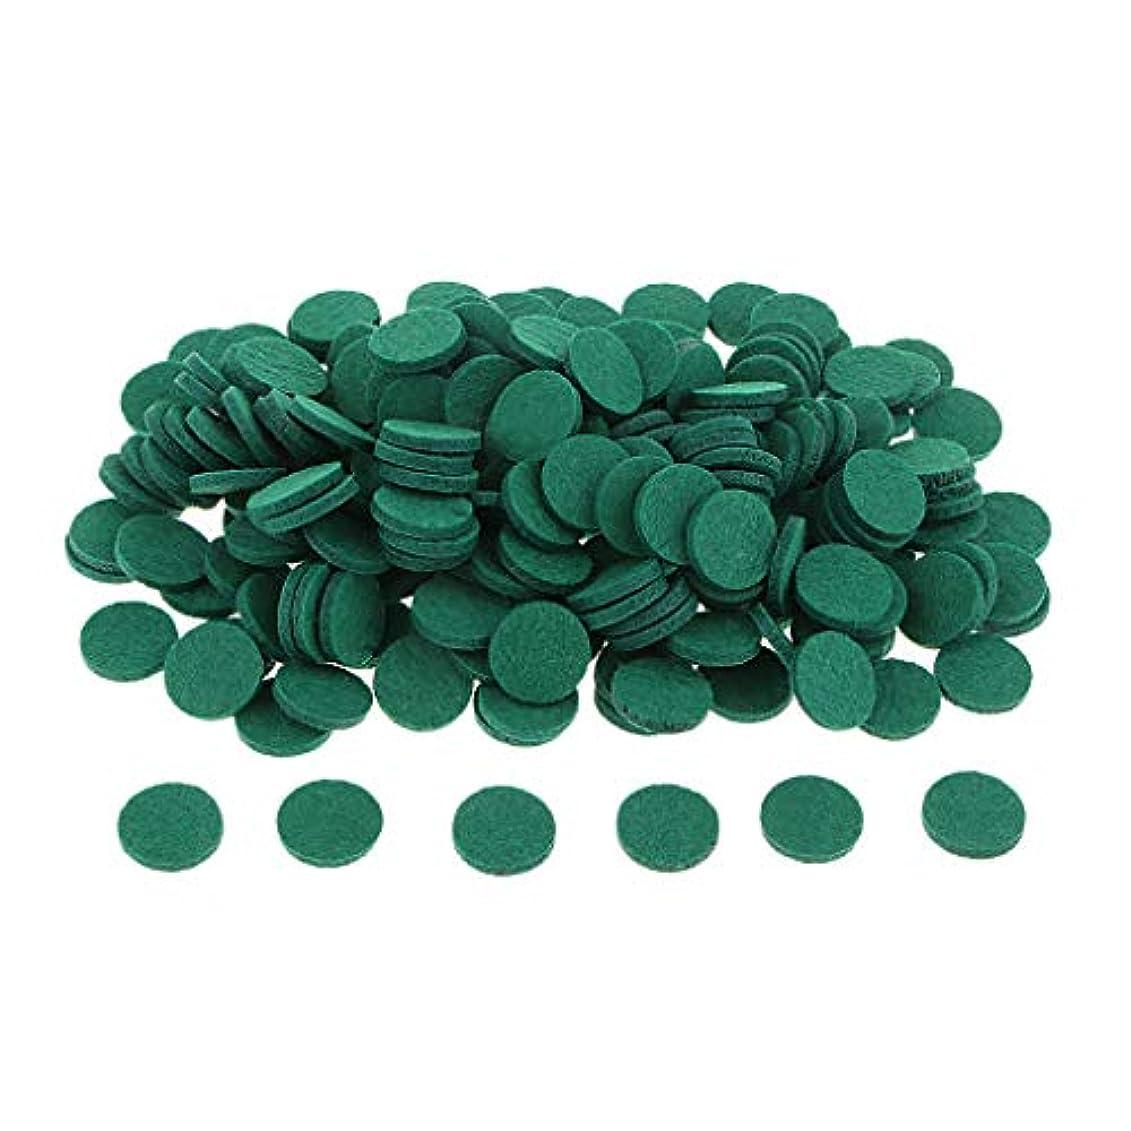 オーク活性化するアンテナgazechimp 約200個入り 詰め替えパッド アロマオイルパッド パッド 詰め替え エッセンシャルオイル 部屋 全11色 - 緑